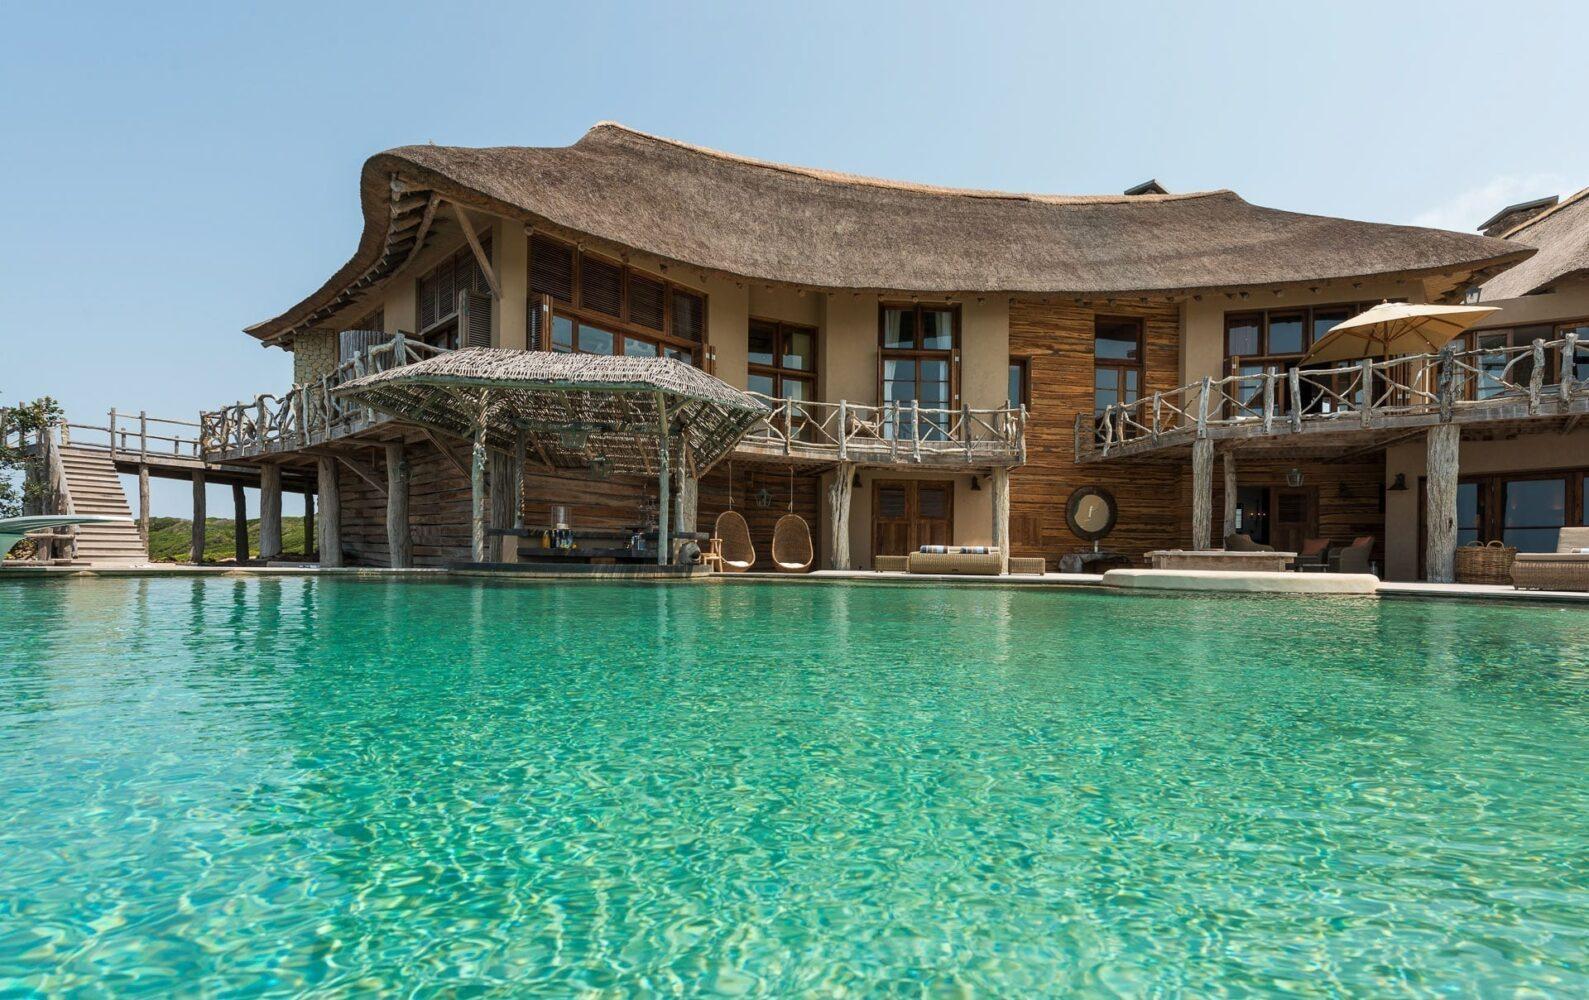 Att hyra en villa som den på bilden, framför poolen, är en av tre resetrender 2021 som förmodligen håller ännu längre än så